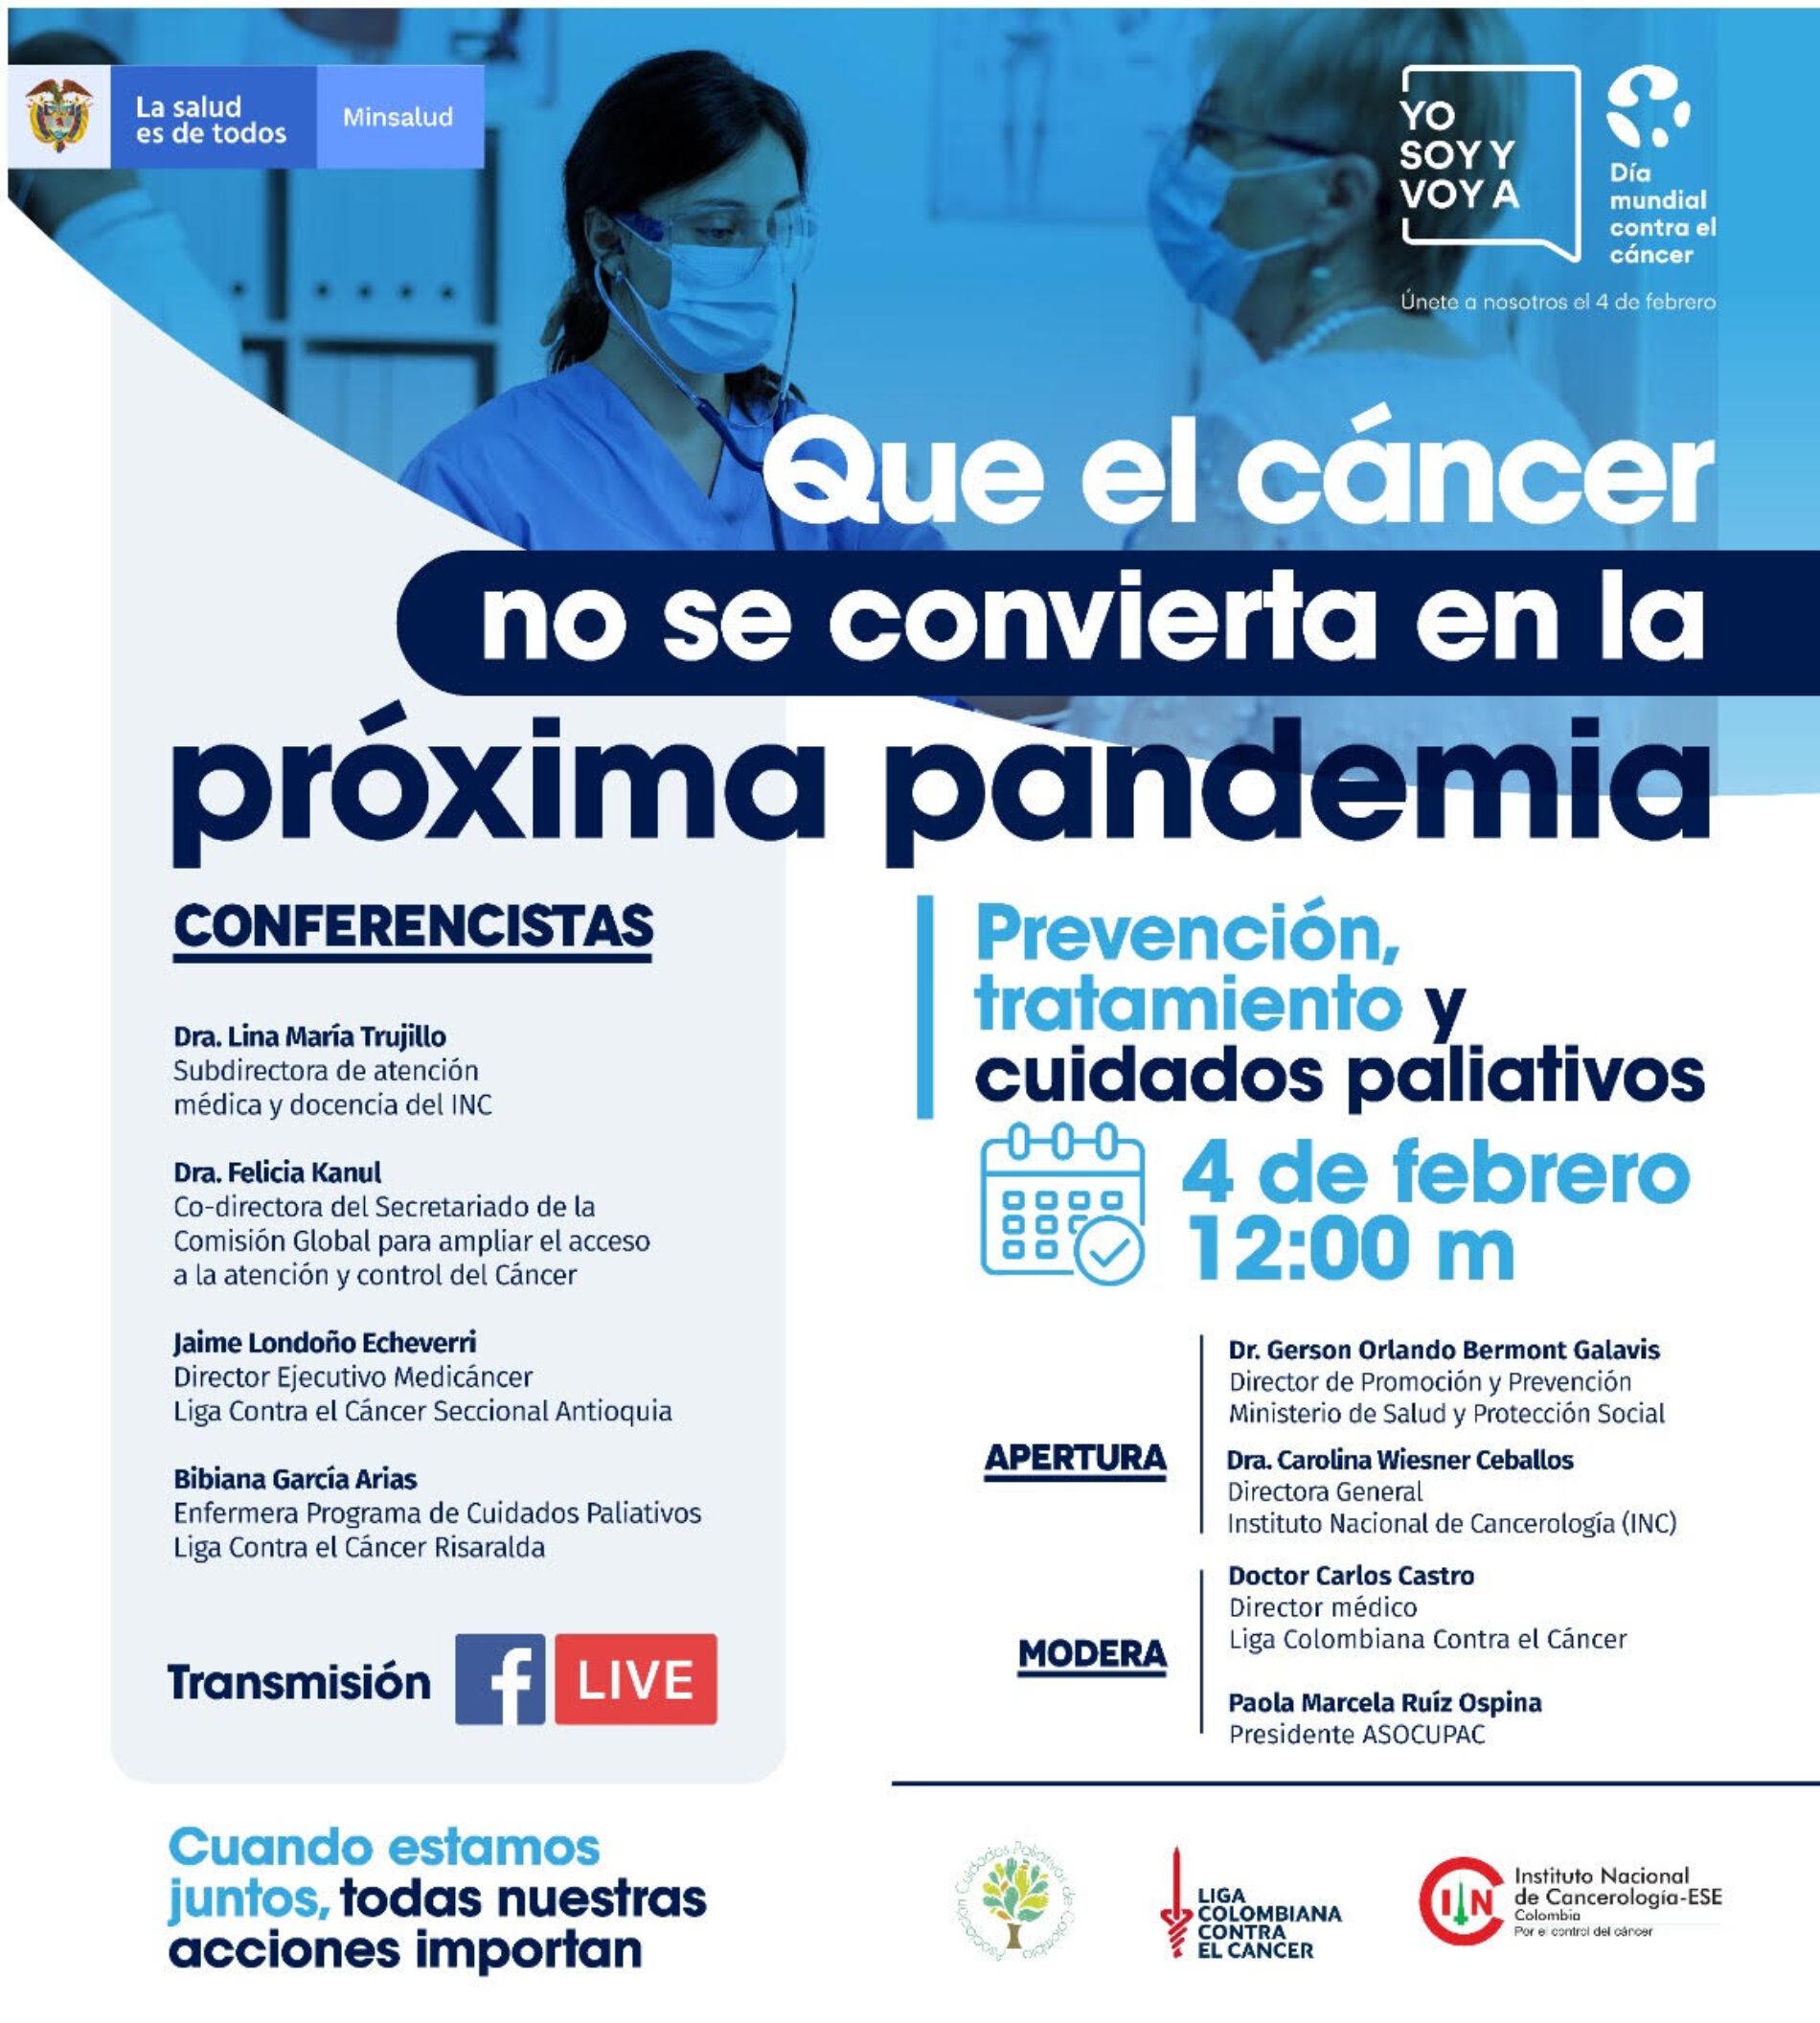 Día Mundial Contra el Cáncer: Que no se convierta en la próxima pandemia